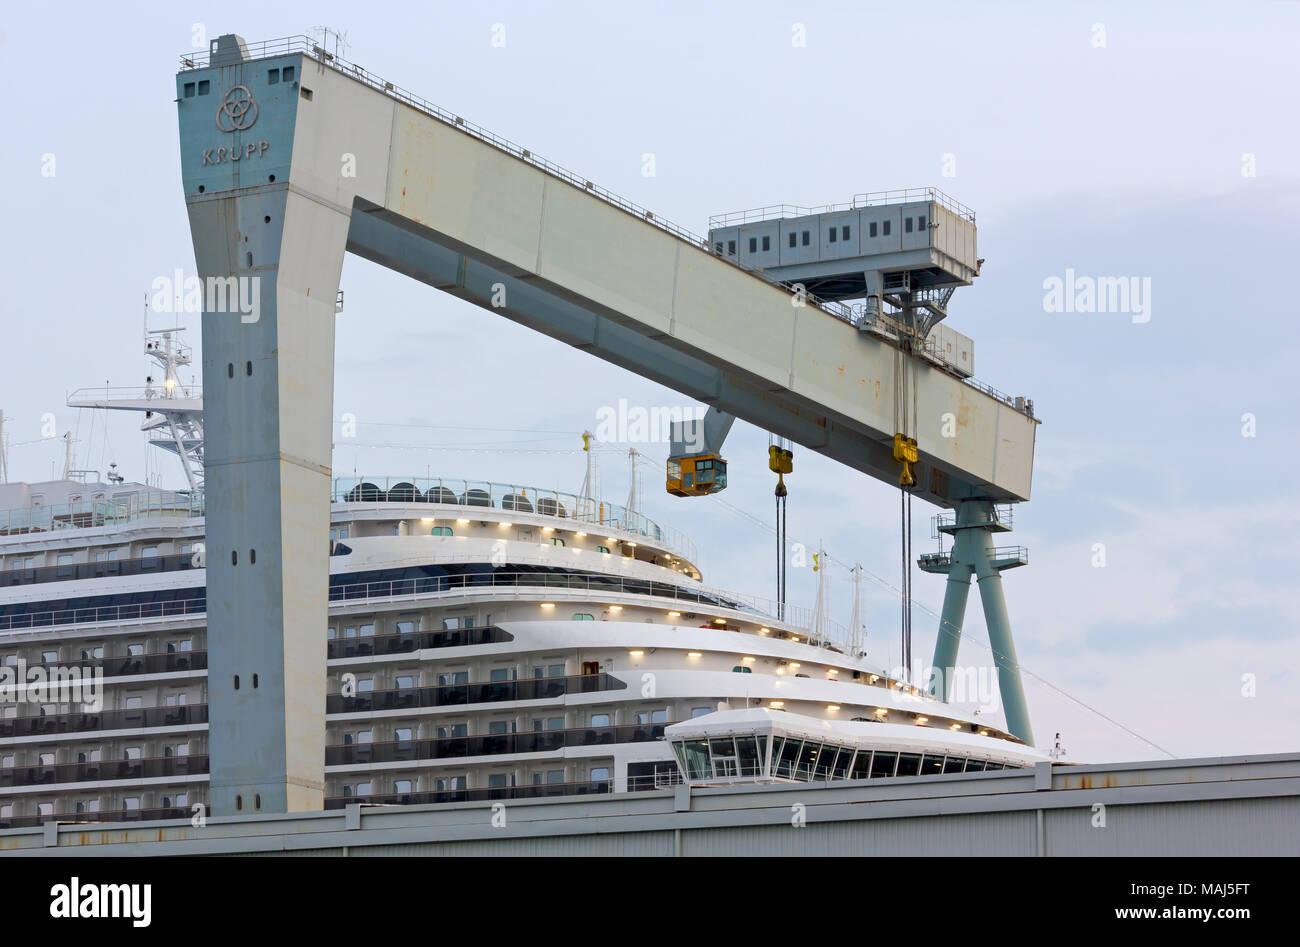 Fincantieri Monfalcone Shipyard Stock Photos Amp Fincantieri